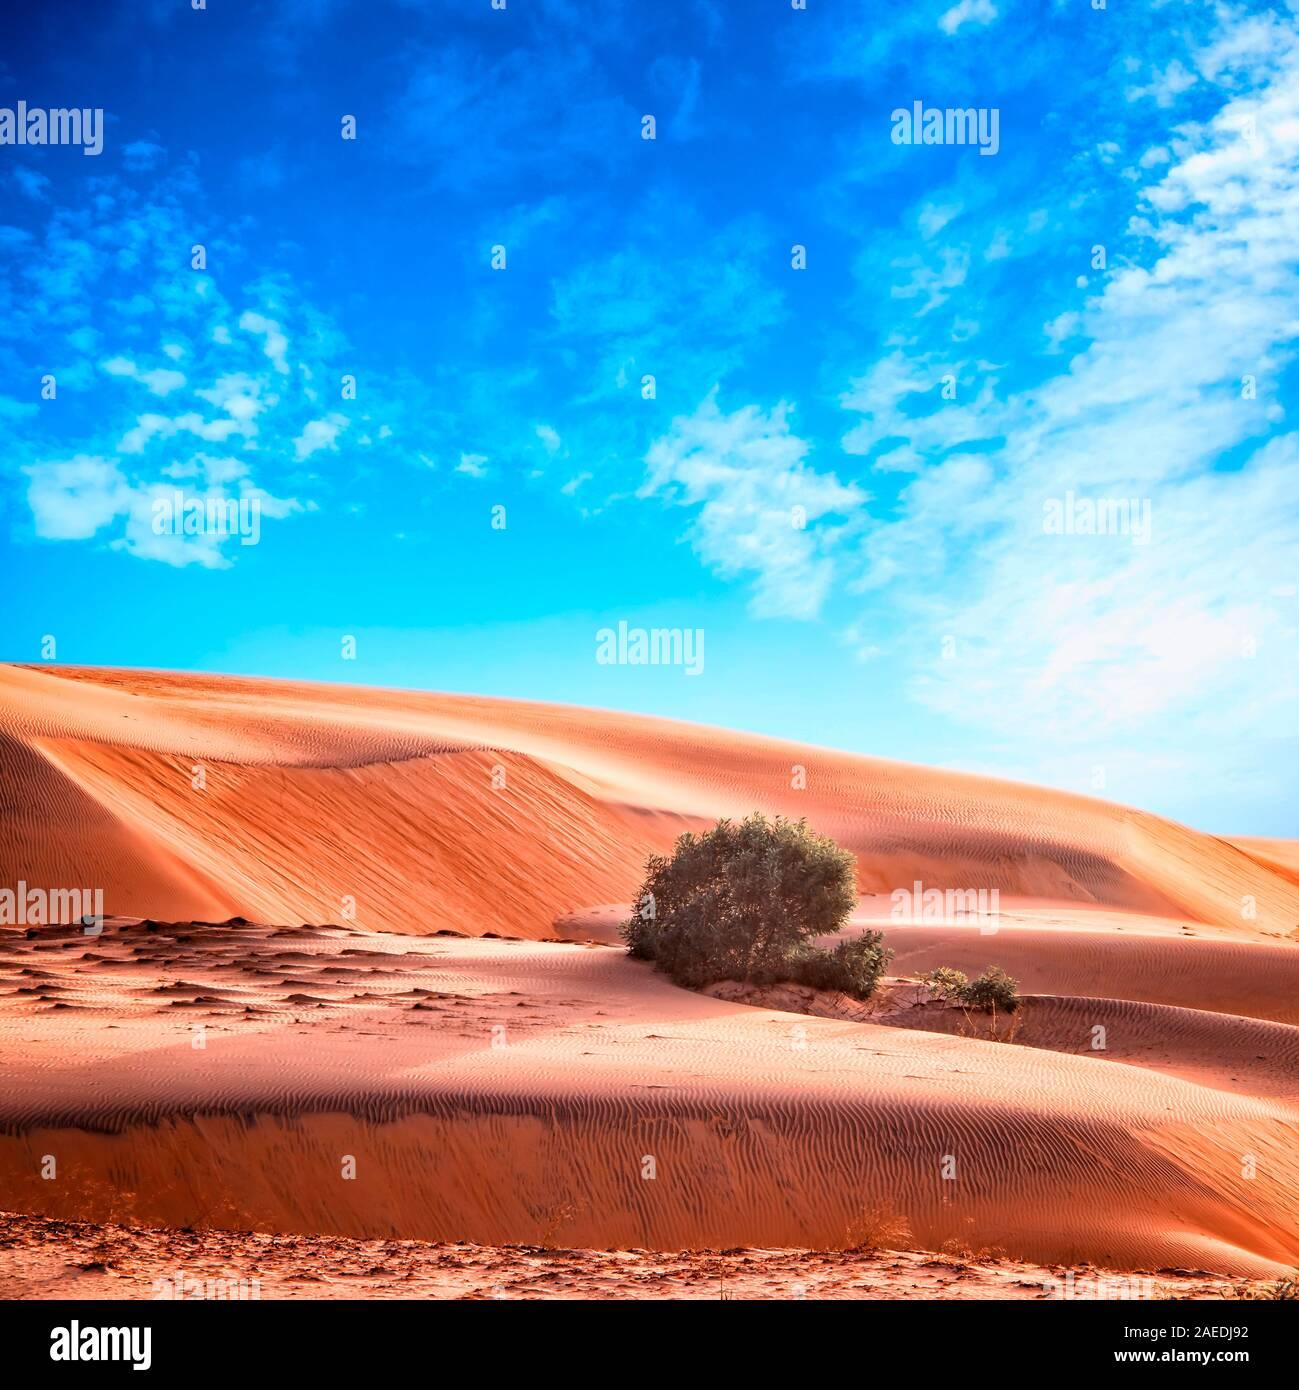 Deserto marocchino paesaggio con cielo blu. Sullo sfondo delle dune. Foto Stock